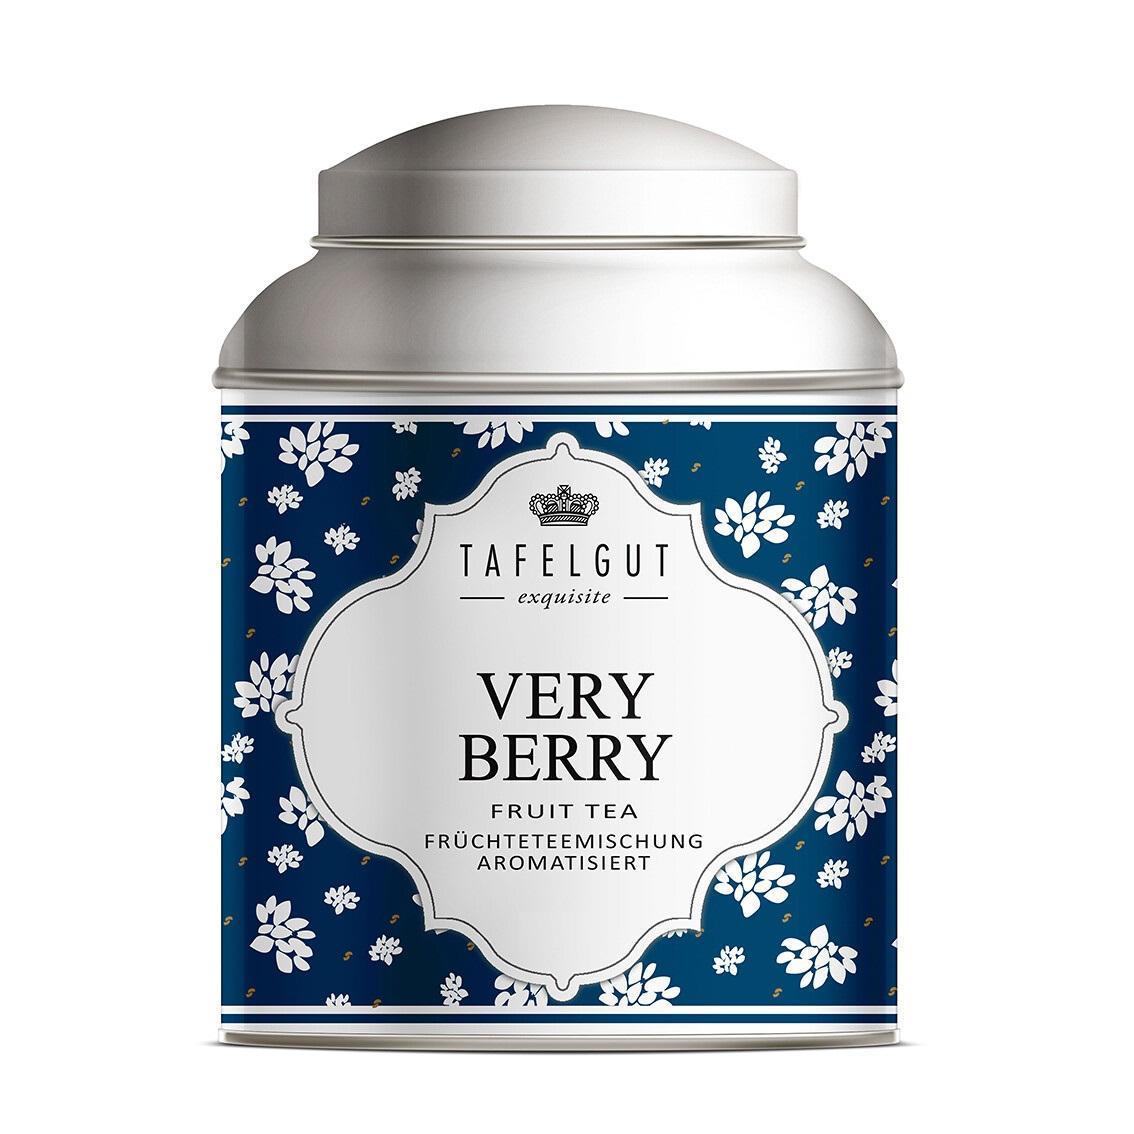 TAFELGUT Ovocný čaj Very Berry - 40g, modrá barva, kov